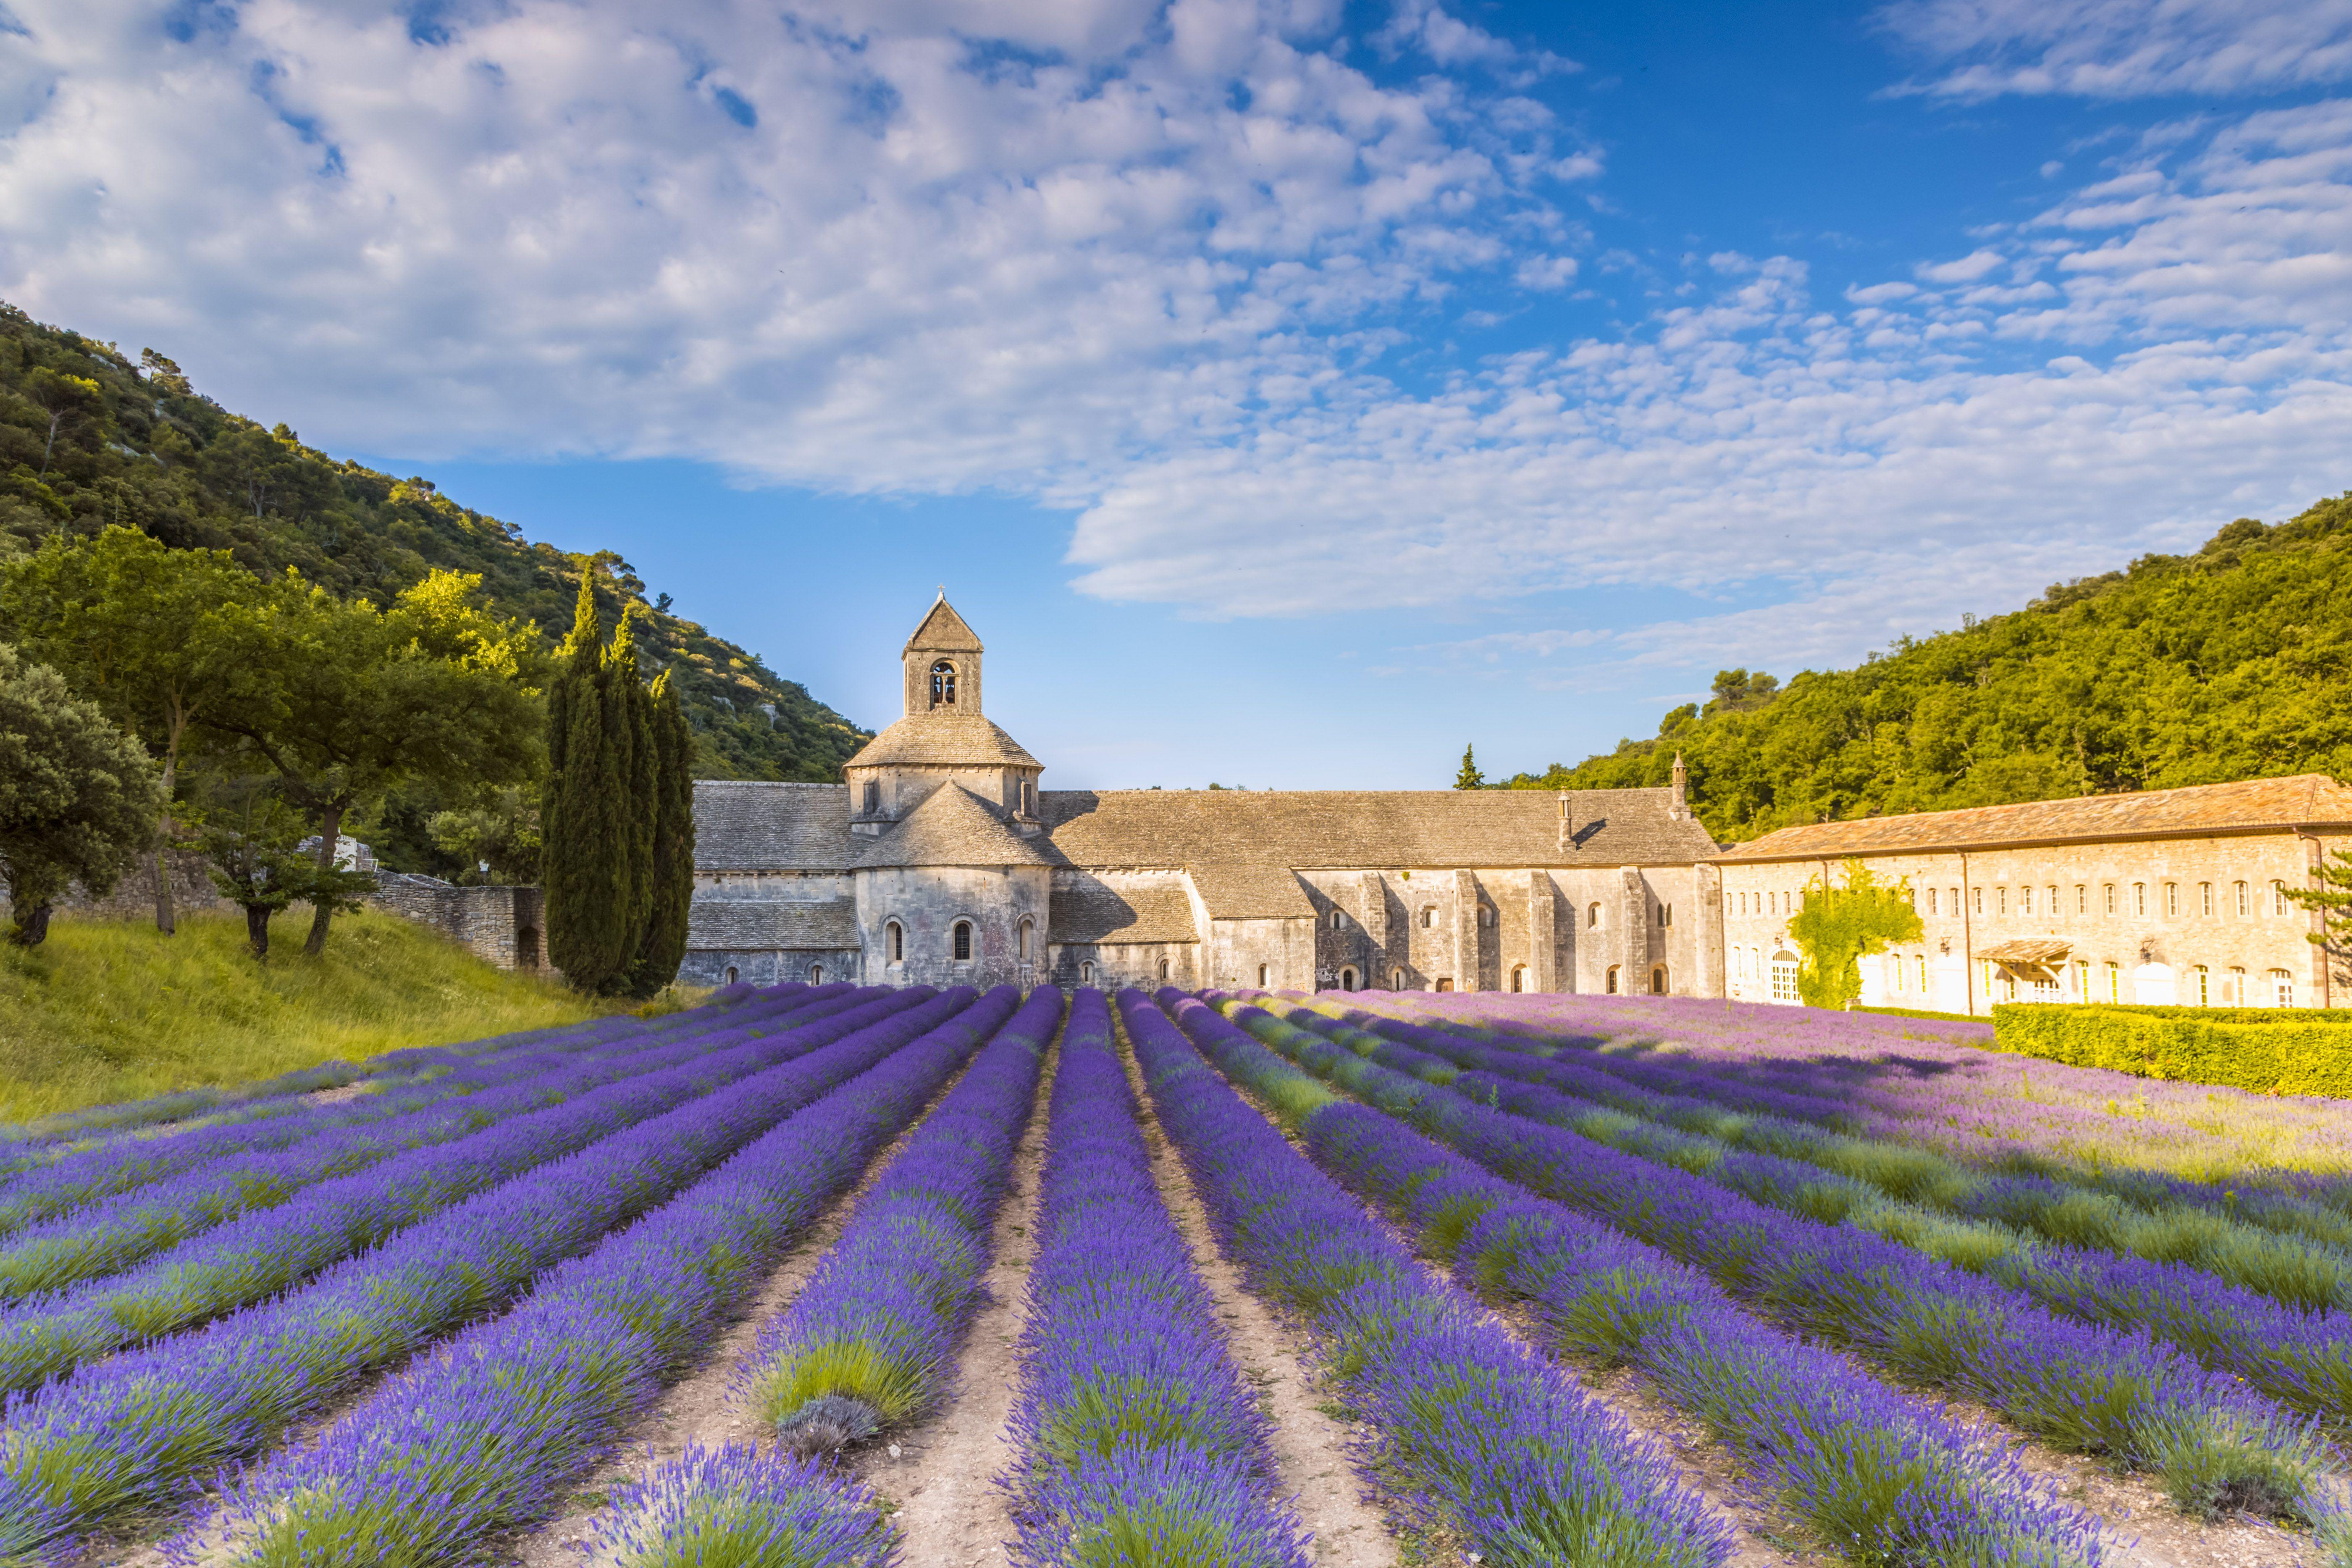 France, Provence Alps Cote dAzur, Vaucluse, Famous Senanque abbey at sunrise